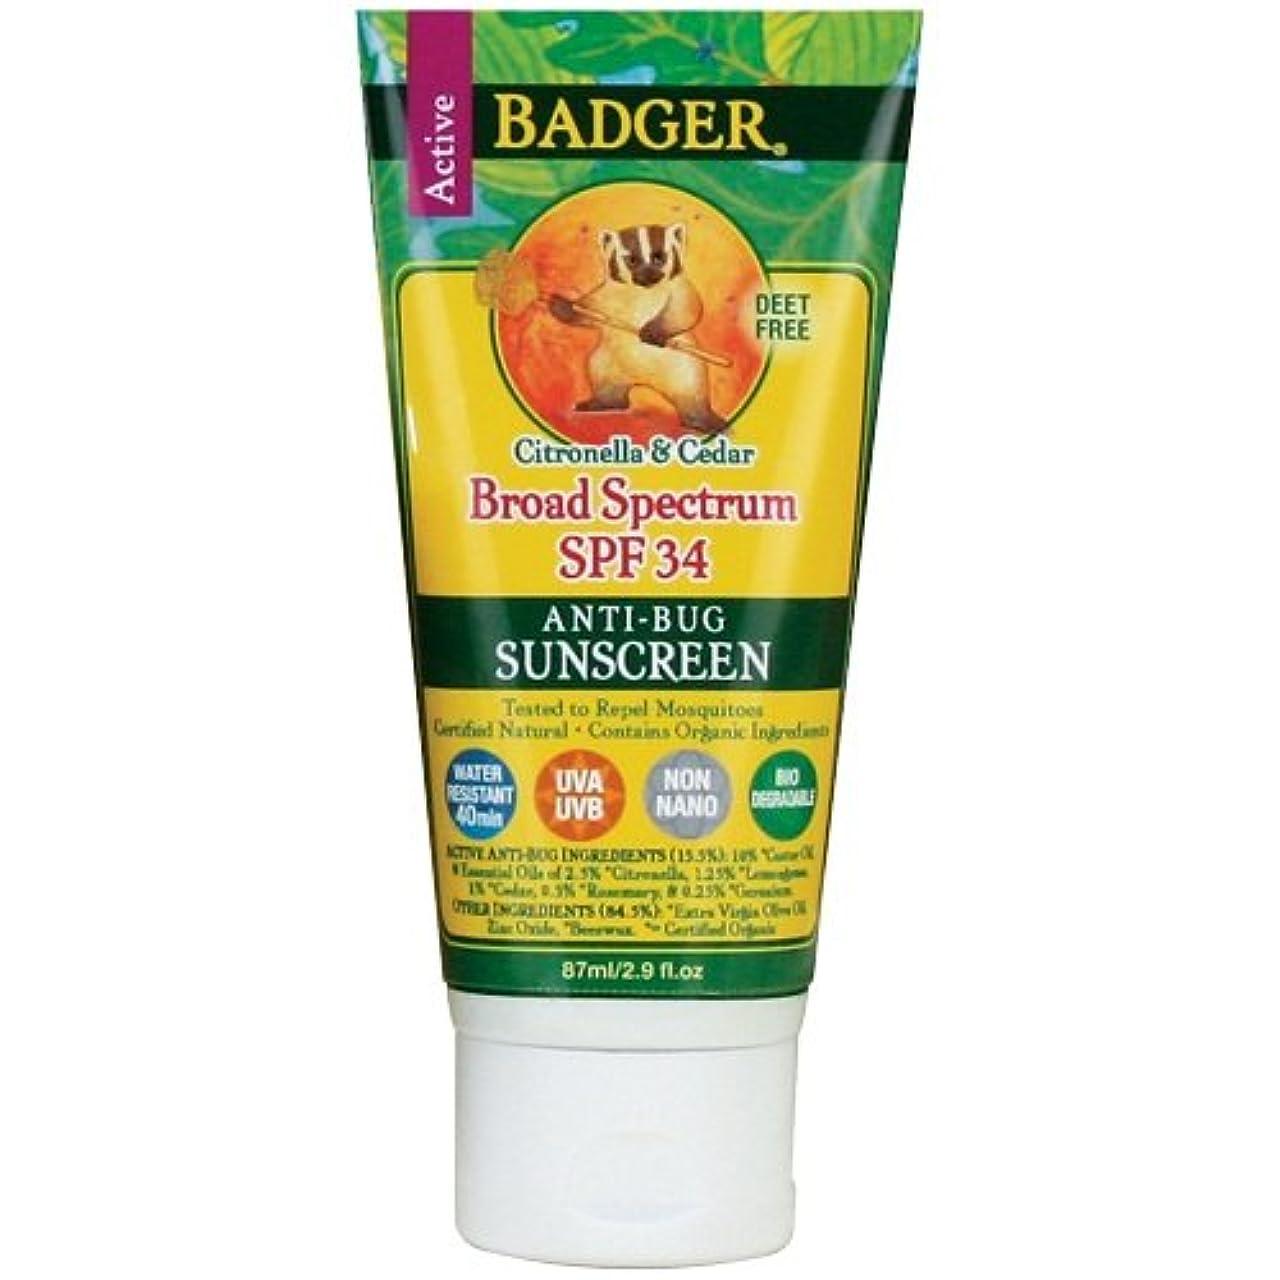 規模進捗偽物Badger バジャー ナチュラル虫よけ成分入り 日焼止め【SPF34】 87ml【海外直送品】【並行輸入品】